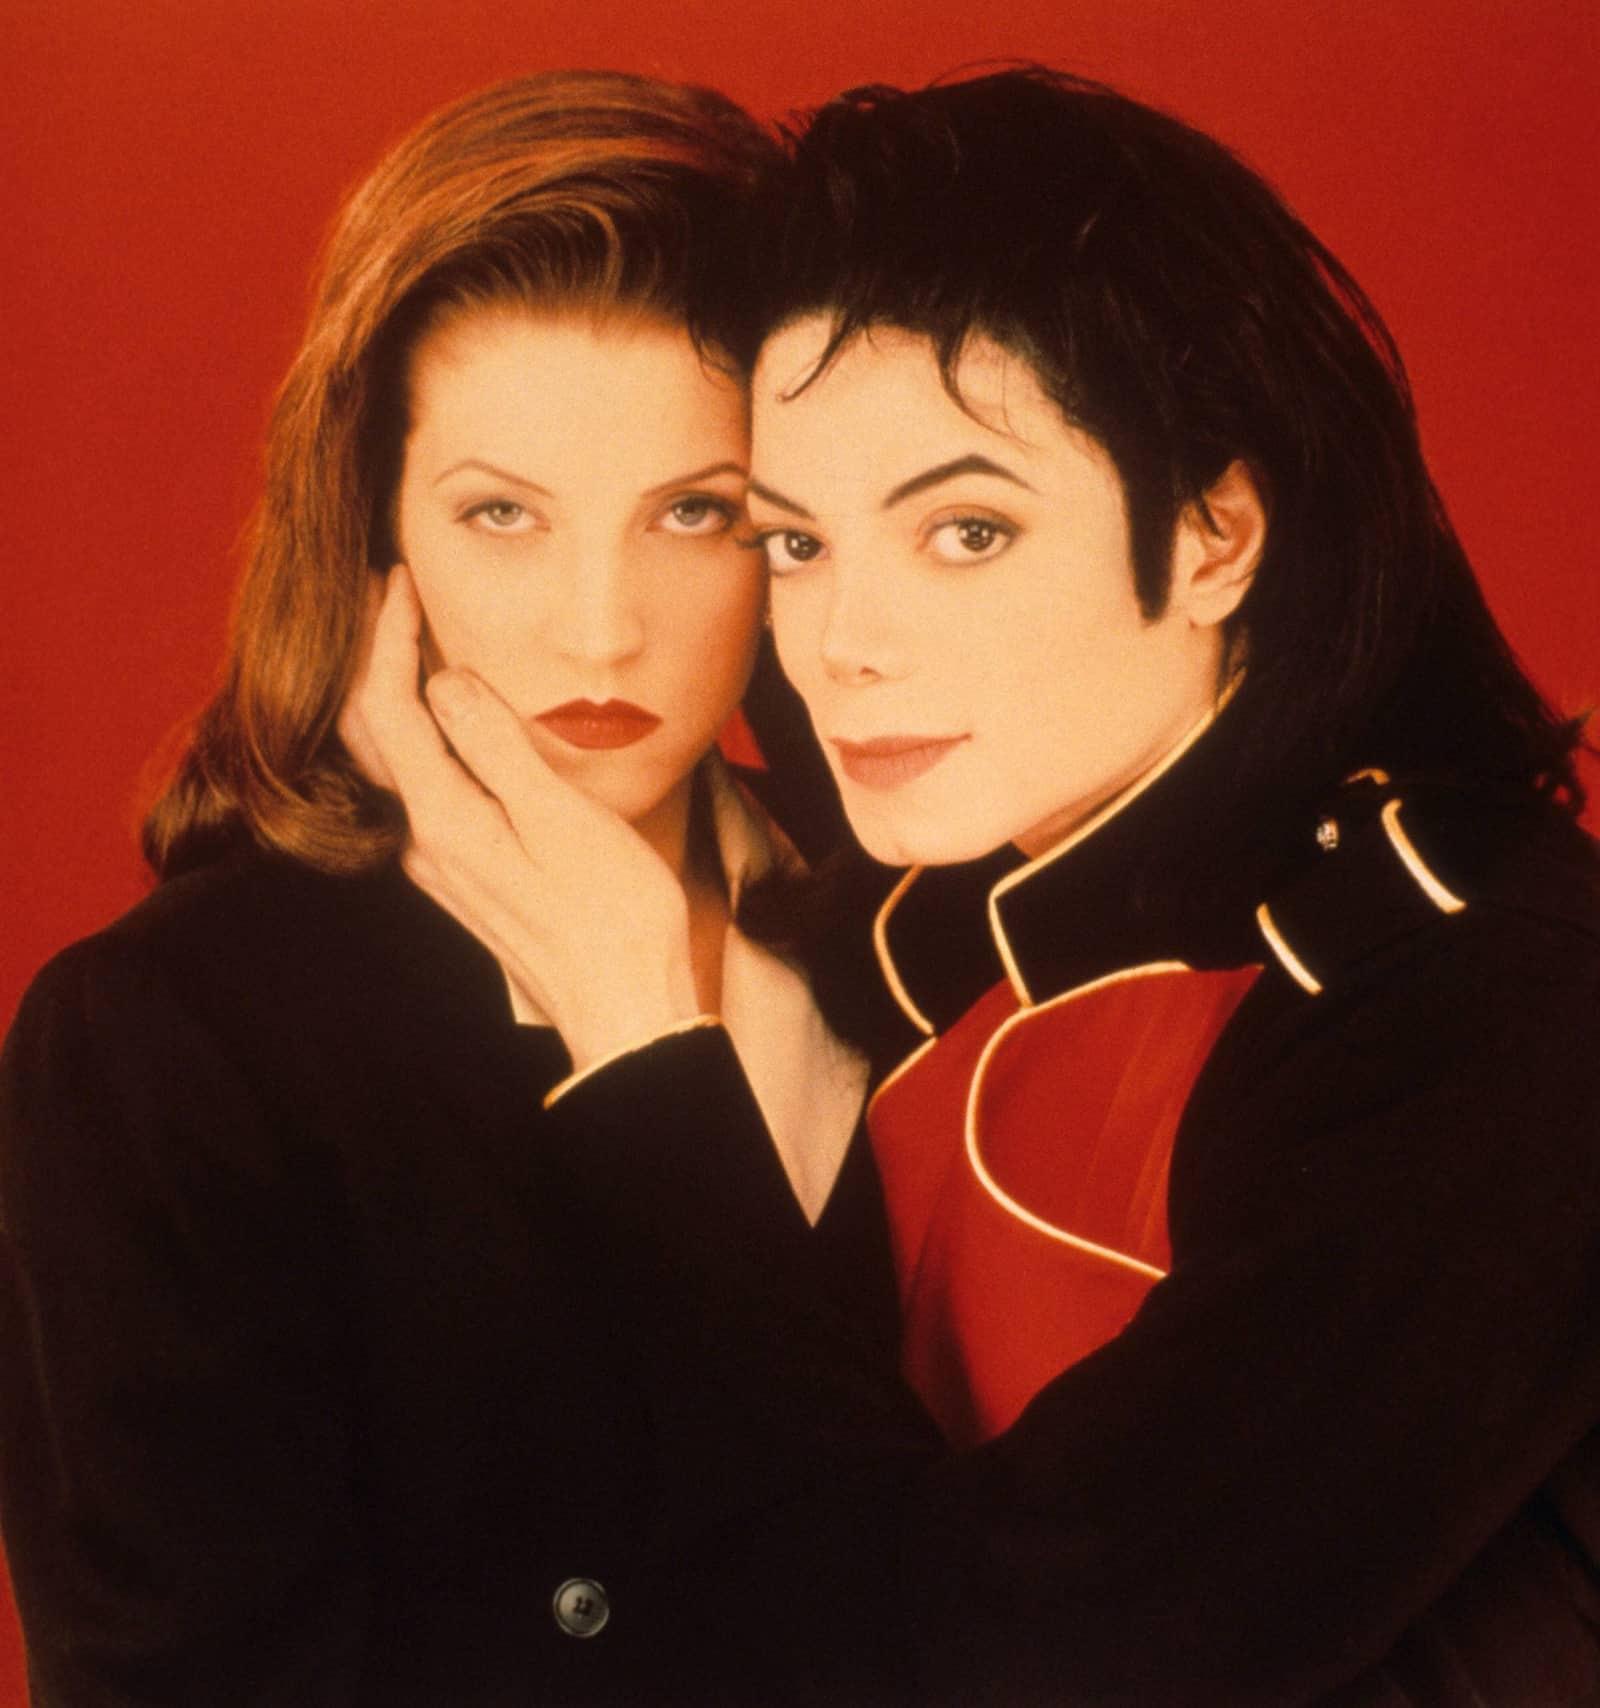 Der wahre Grund für das Ehe-Aus zwischen Michael Jackson und Lisa-Marie Presley